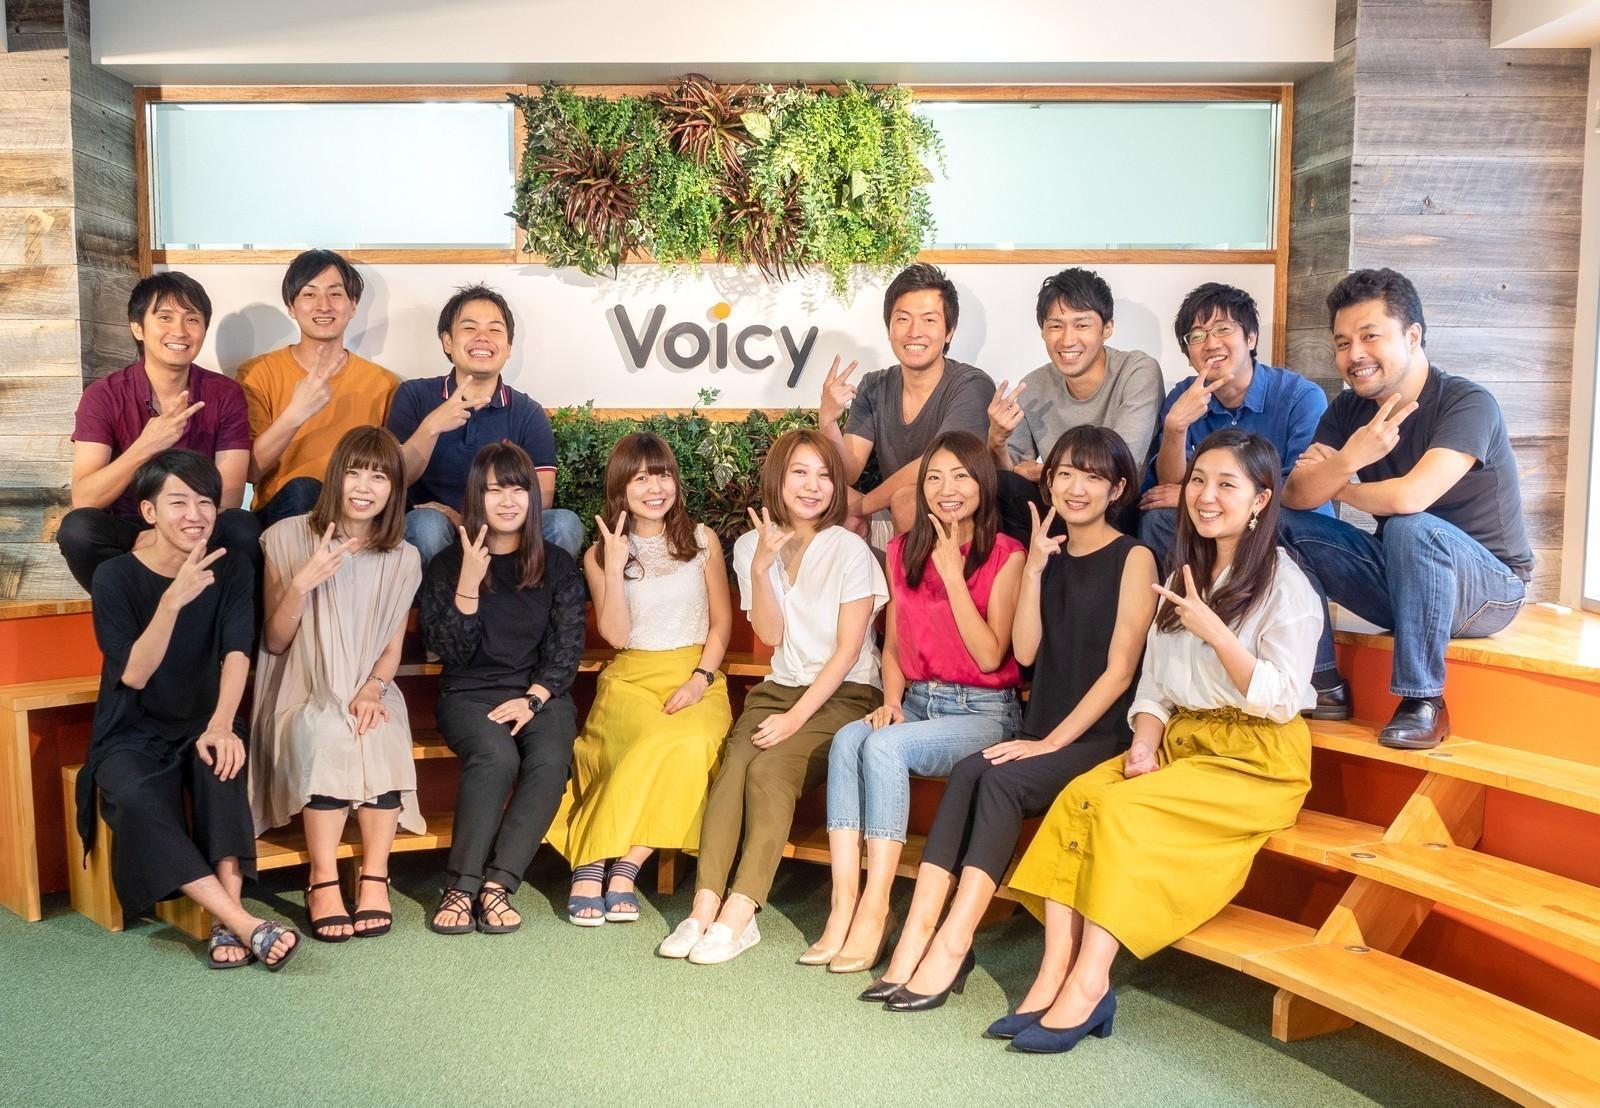 【Kotlin】声の力で心を震わすプロダクトを!ボイスメディアVoicyのAndroidエンジニア募集!